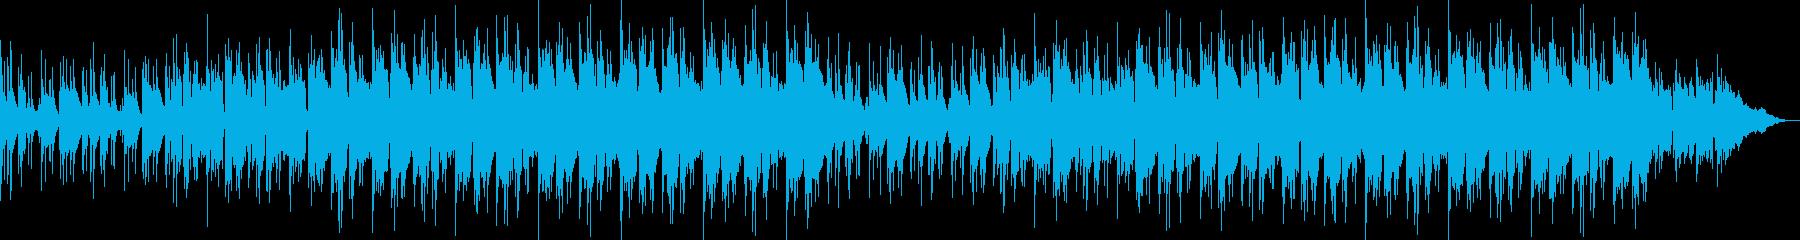 ジャジーな雰囲気のボザノバテイストBGMの再生済みの波形